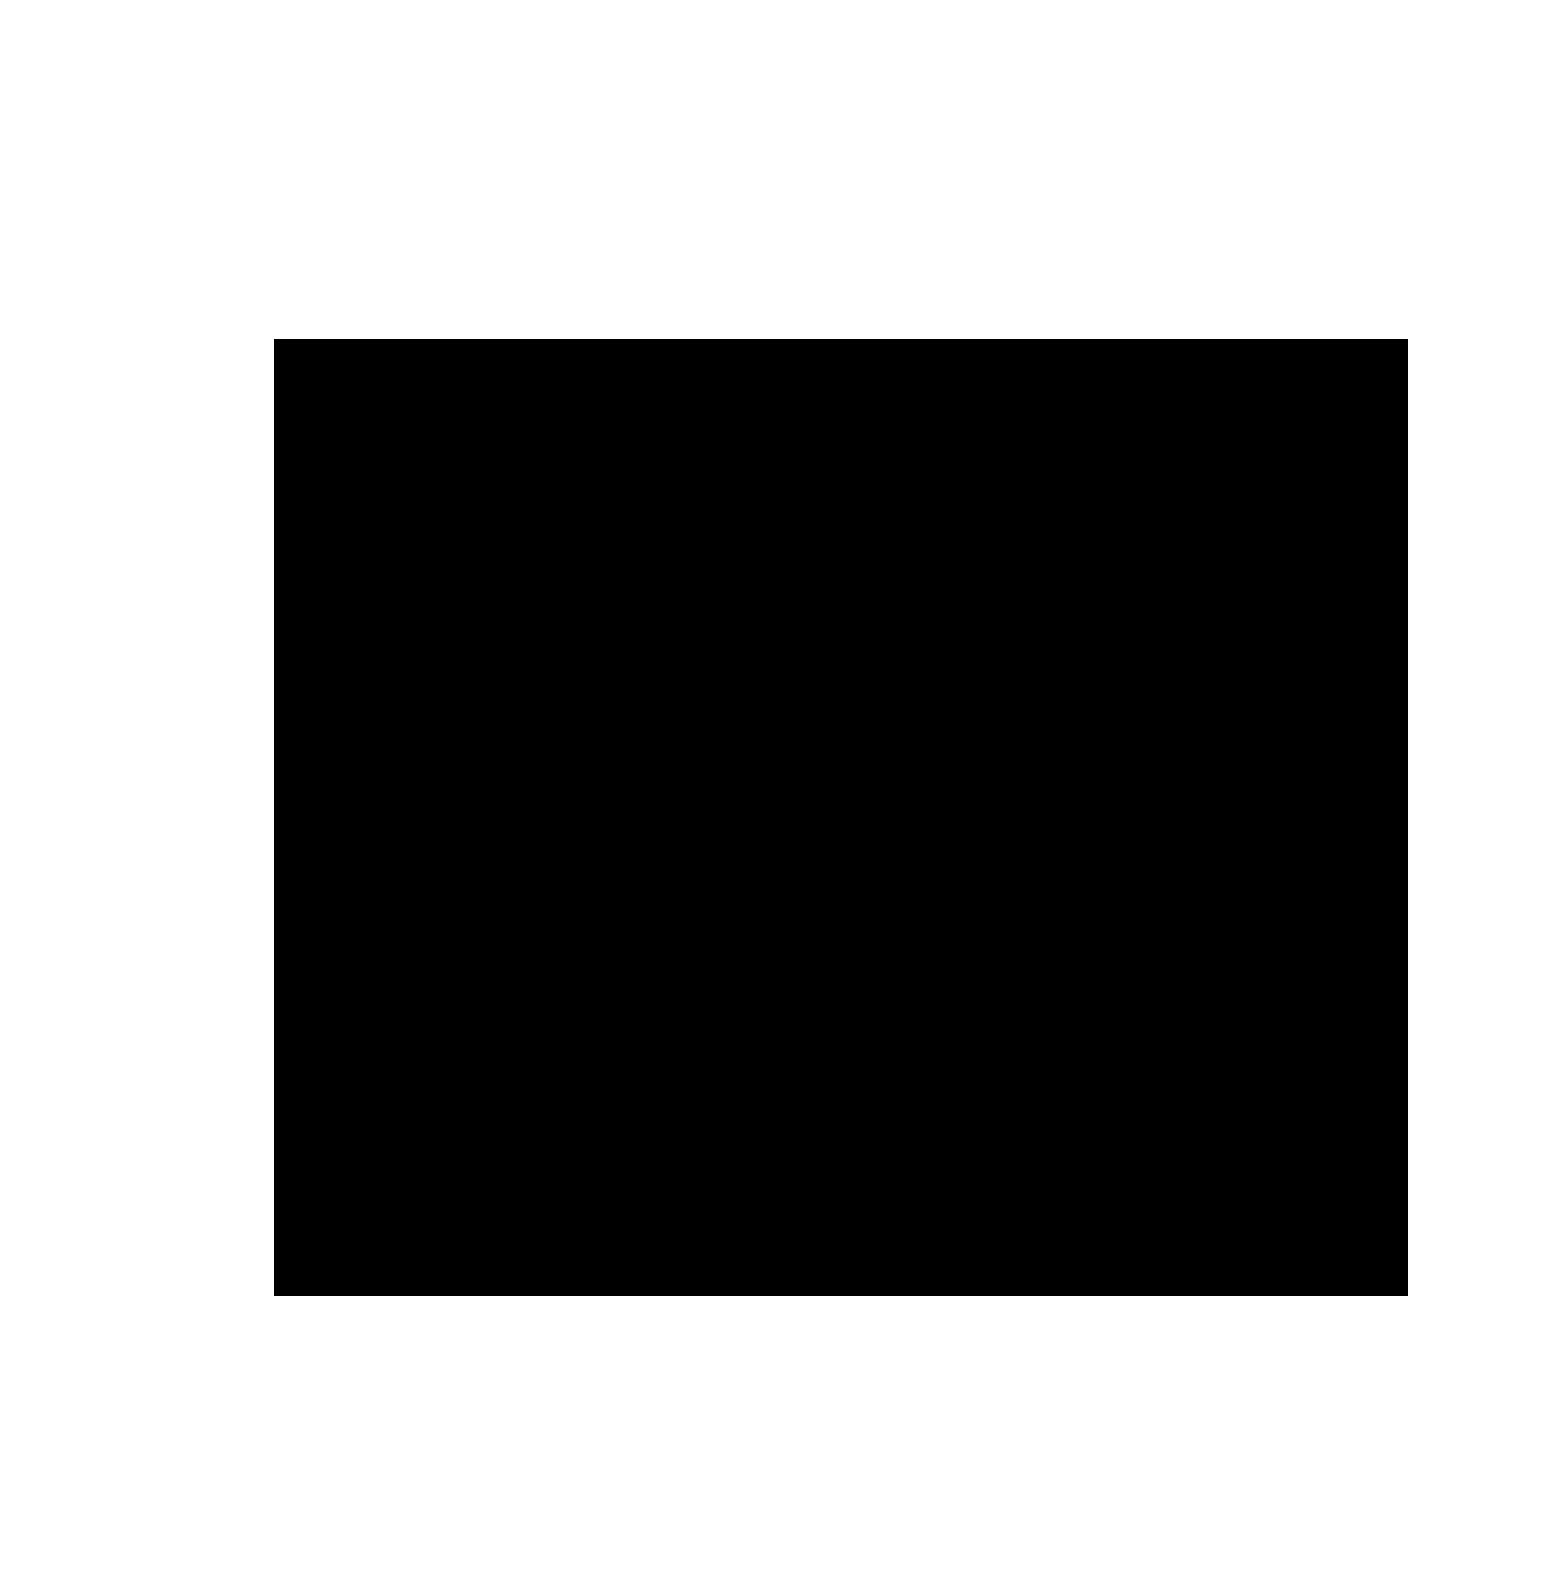 Parcmonceau